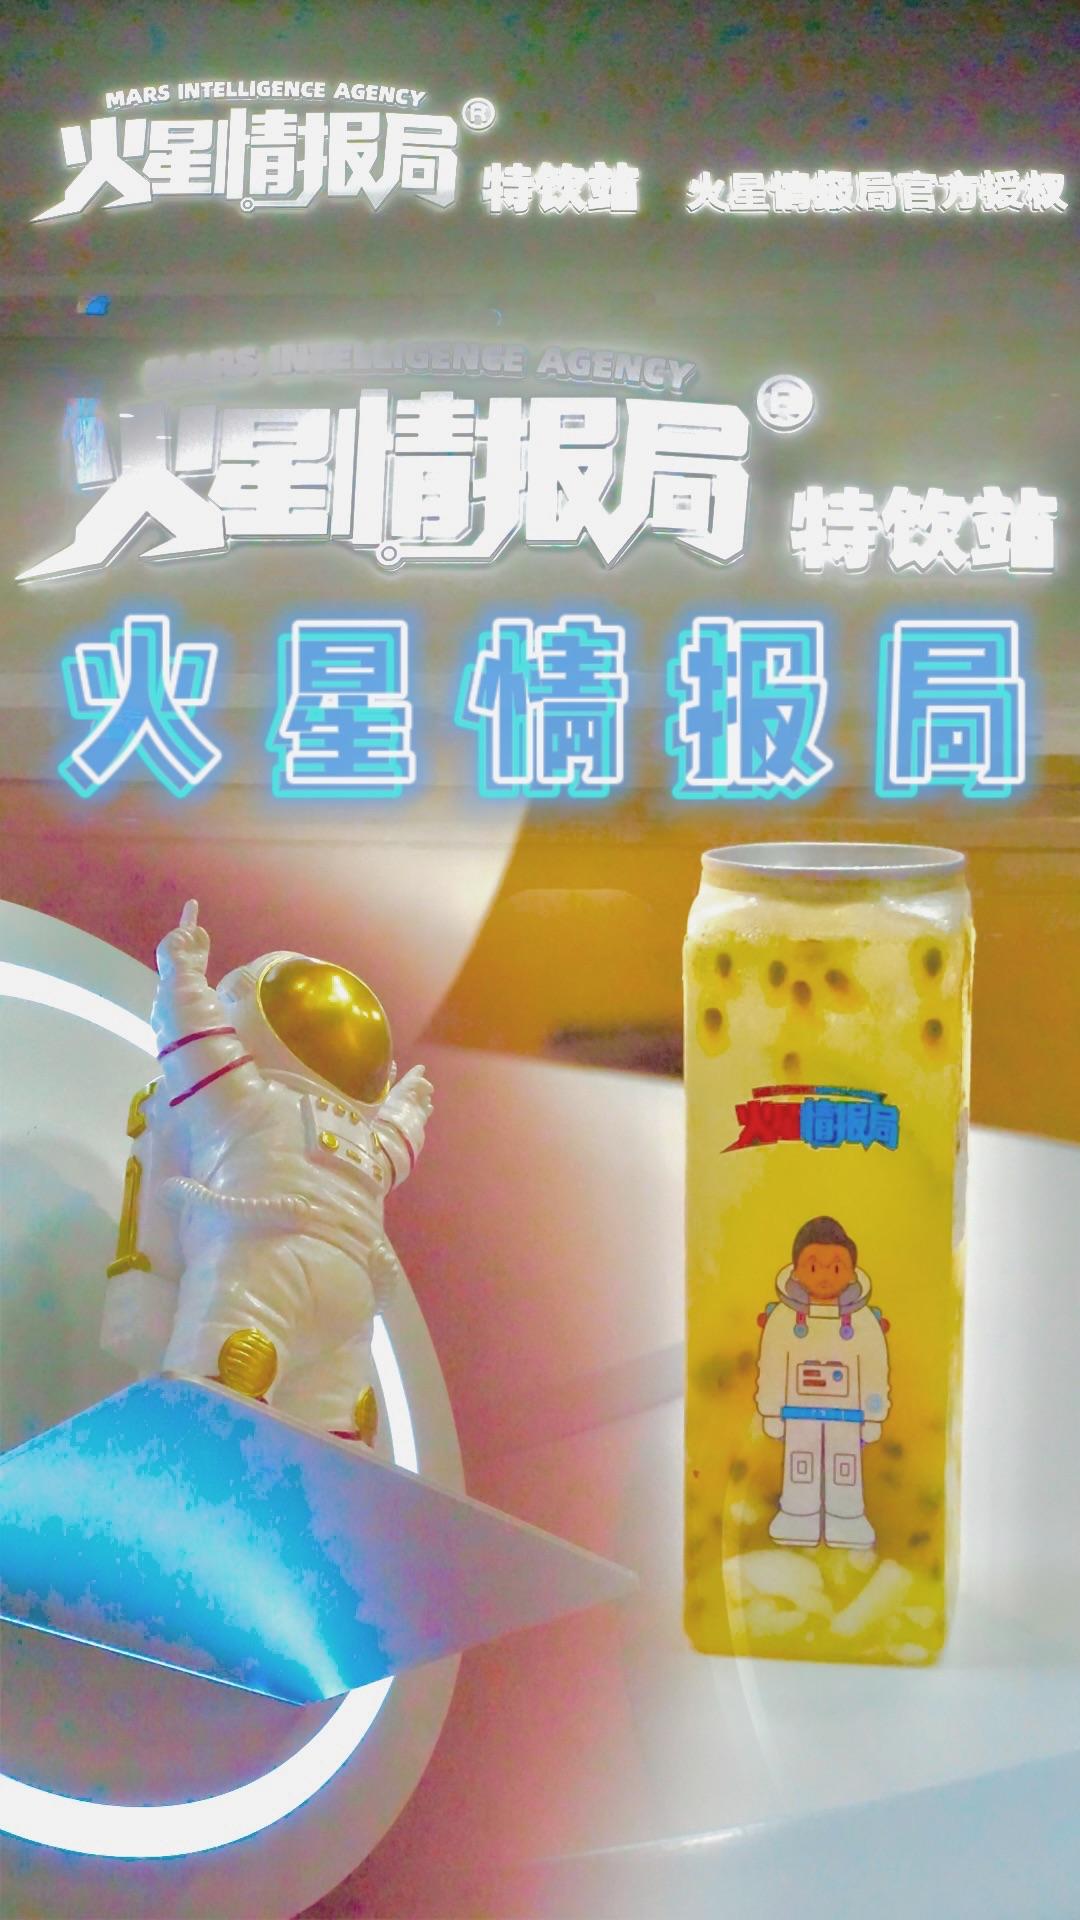 04.19打卡|2元探店|广州首家 火星情报局 |联名IP茶